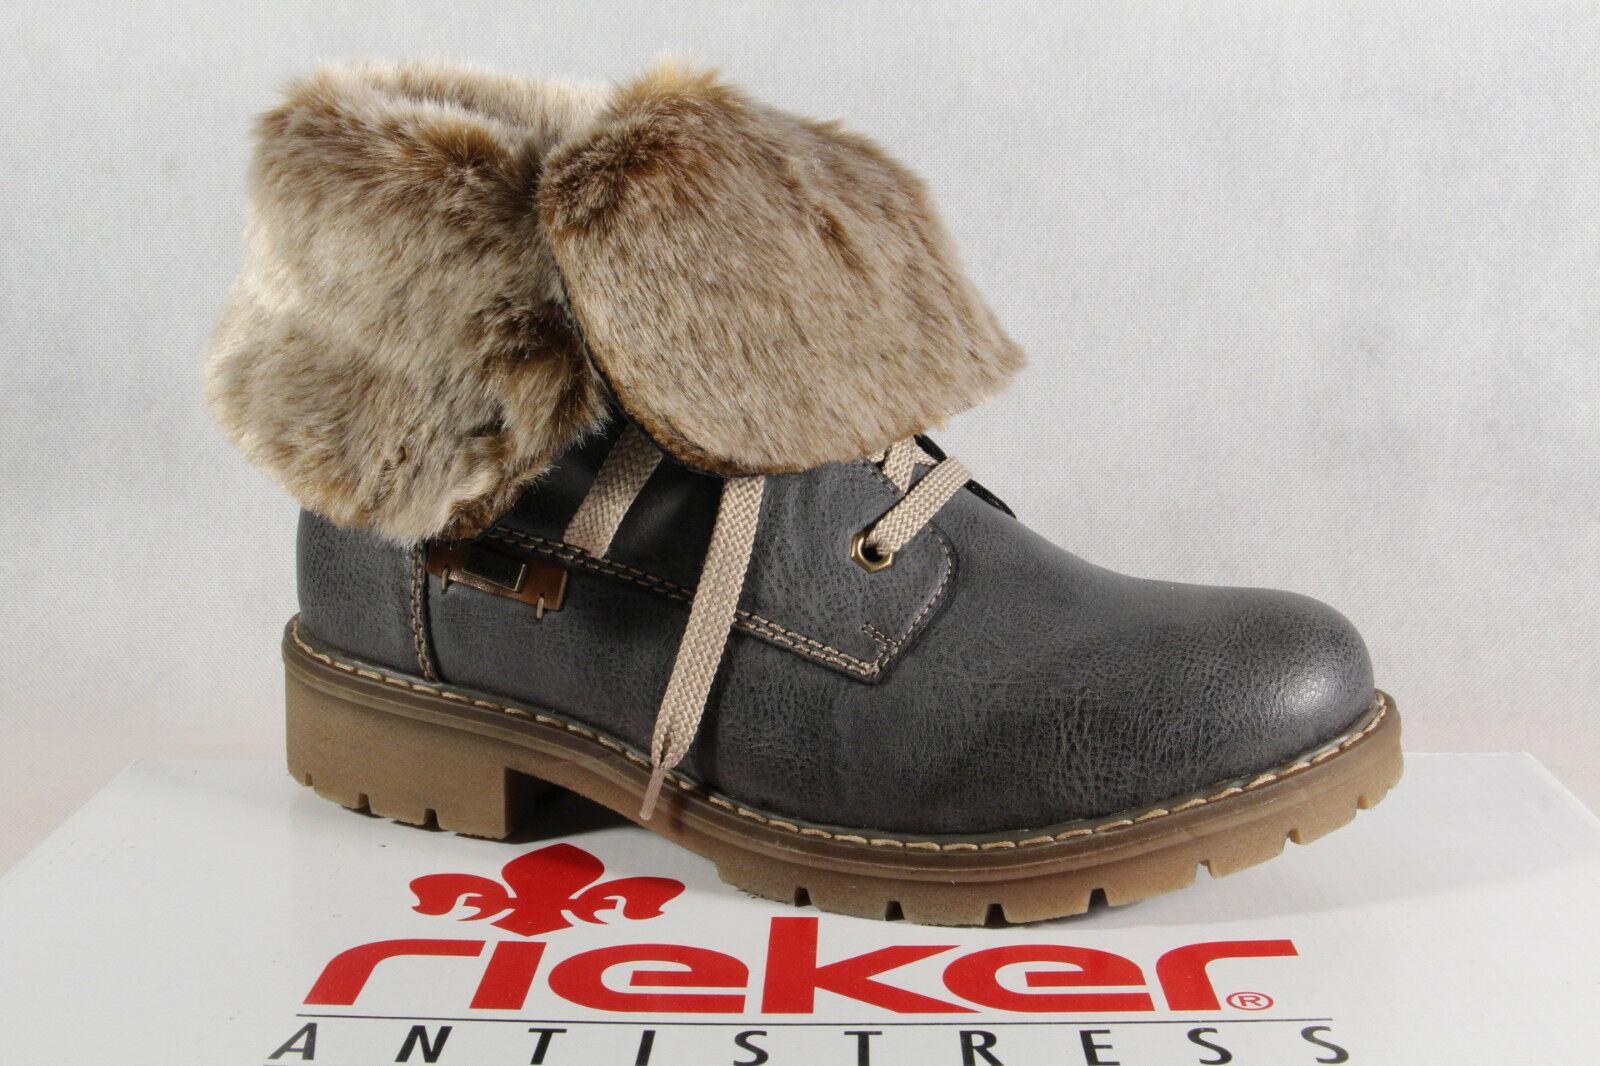 Rieker-Tex Rieker-Tex Rieker-Tex Schnürstiefel Stiefelette, Stiefel, grau, Schurwollfutter Y9122 NEU ddc6d8